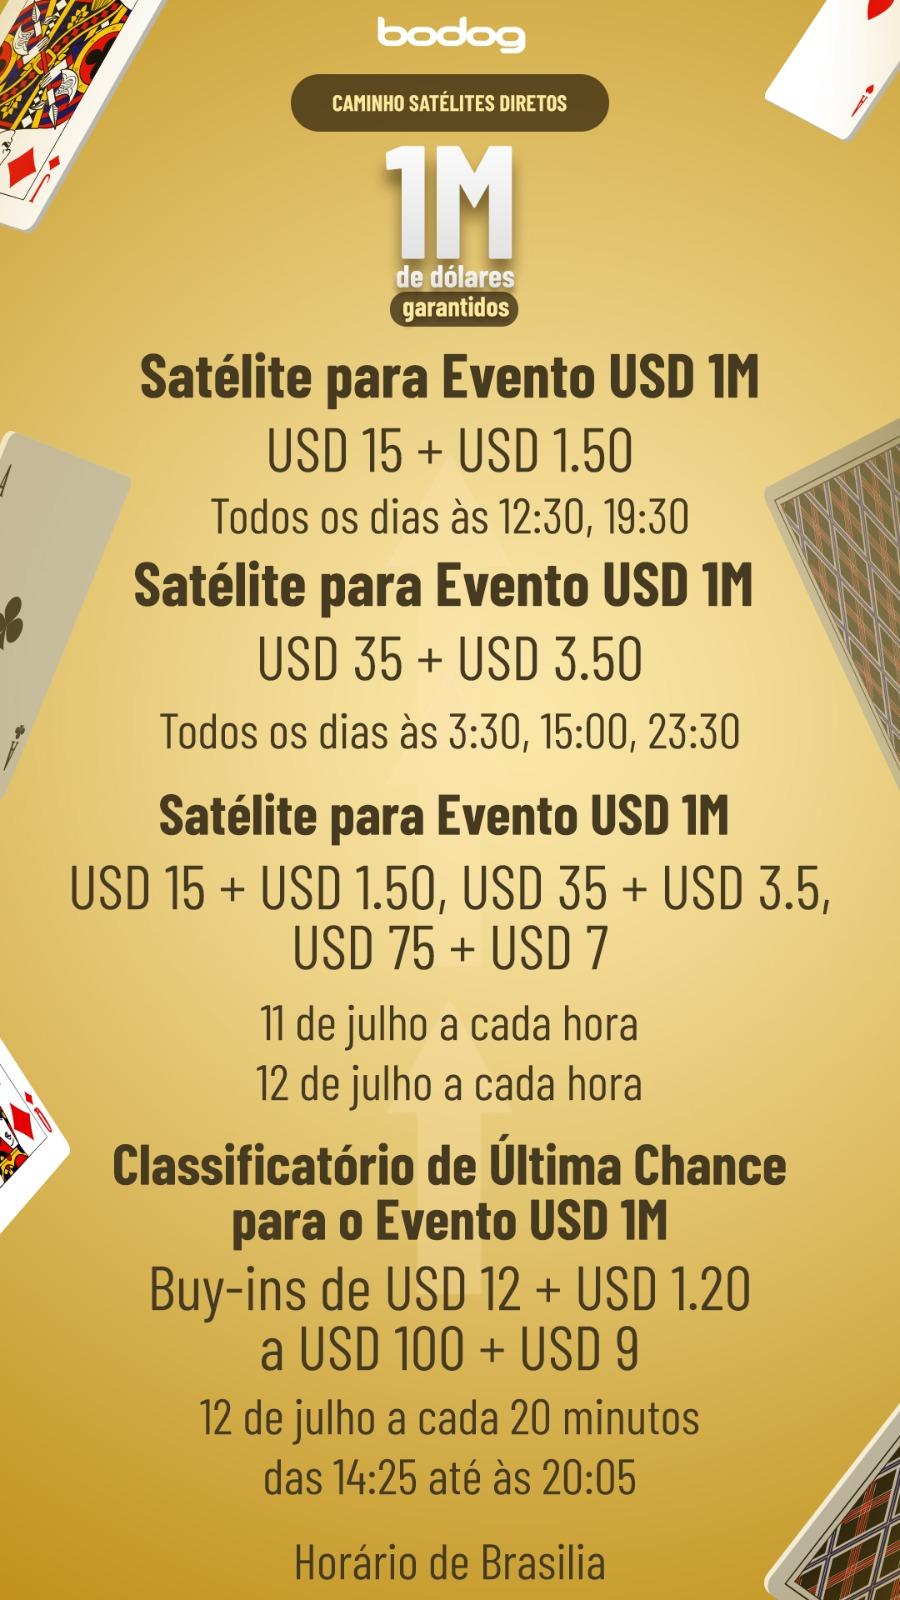 Calendário Satélites R$ 1 Milhão - Bodog